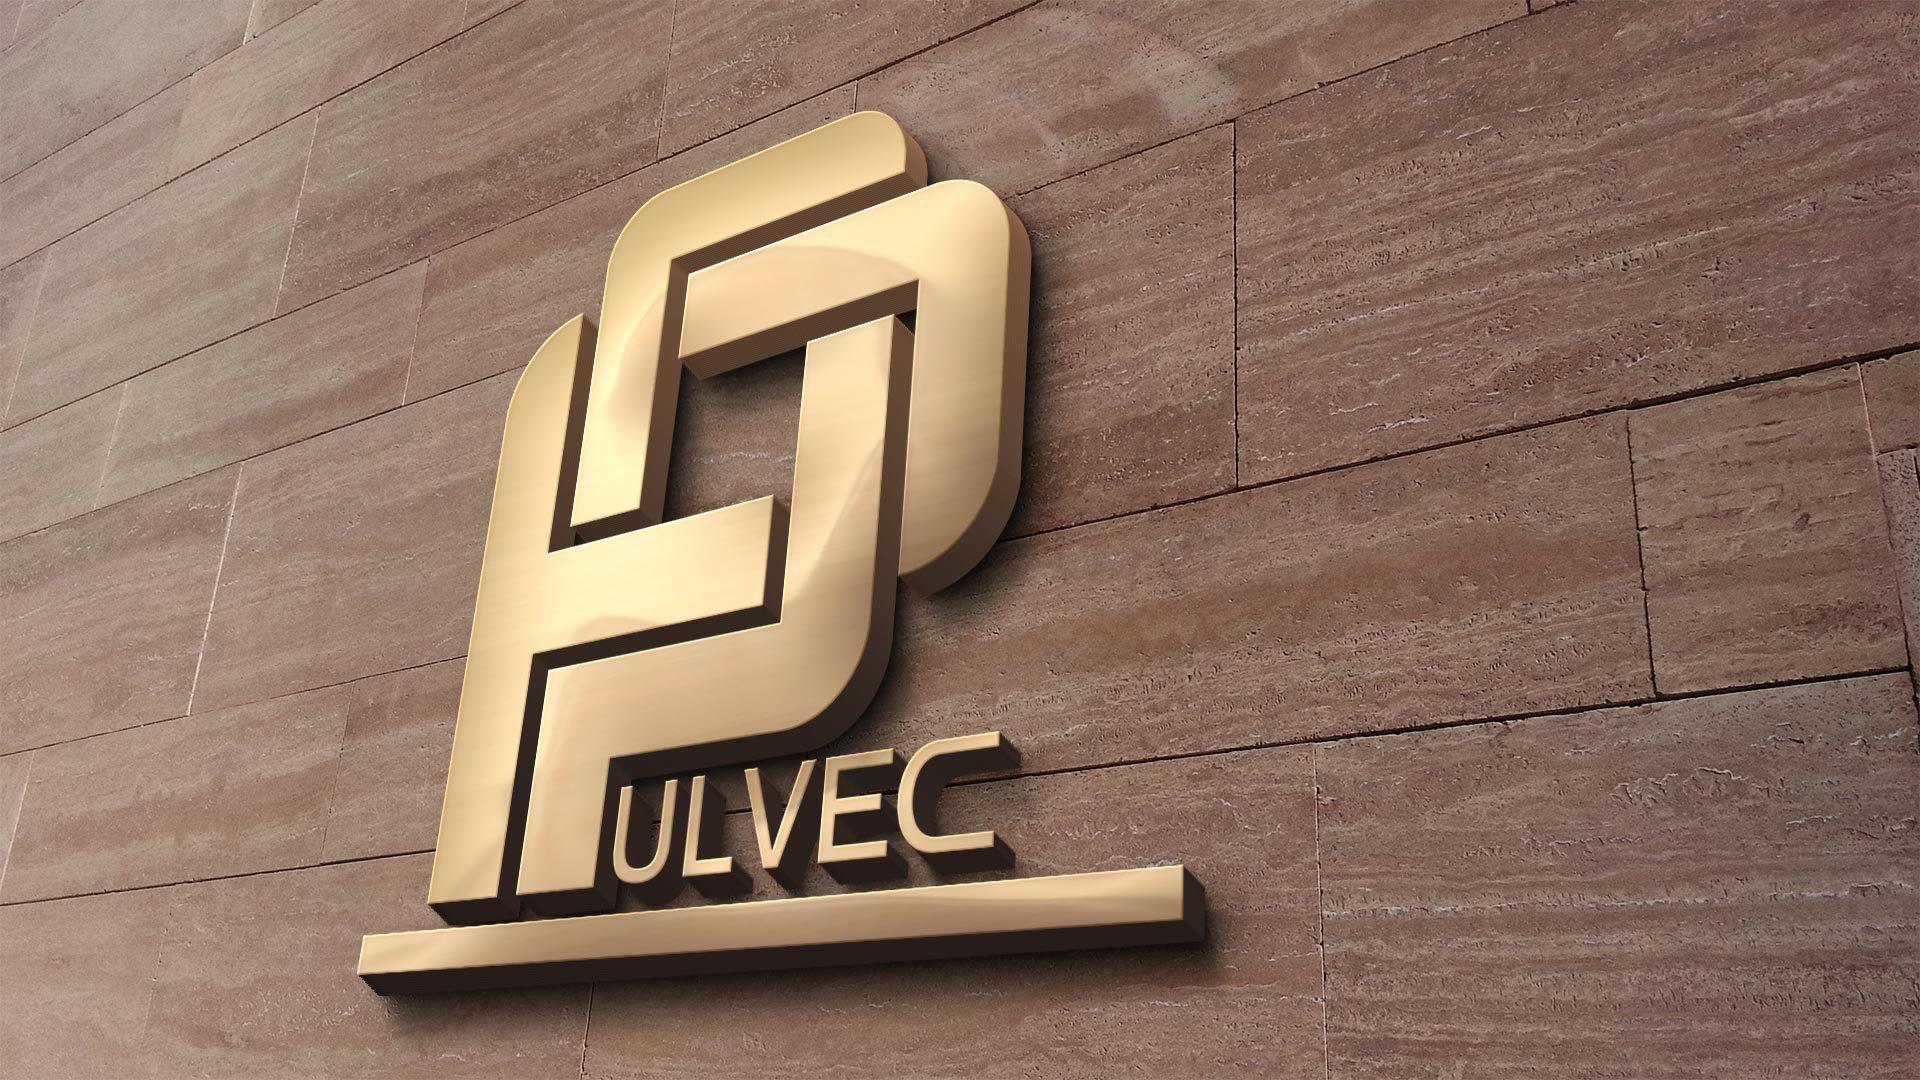 pulvec-contracting-wall-signage